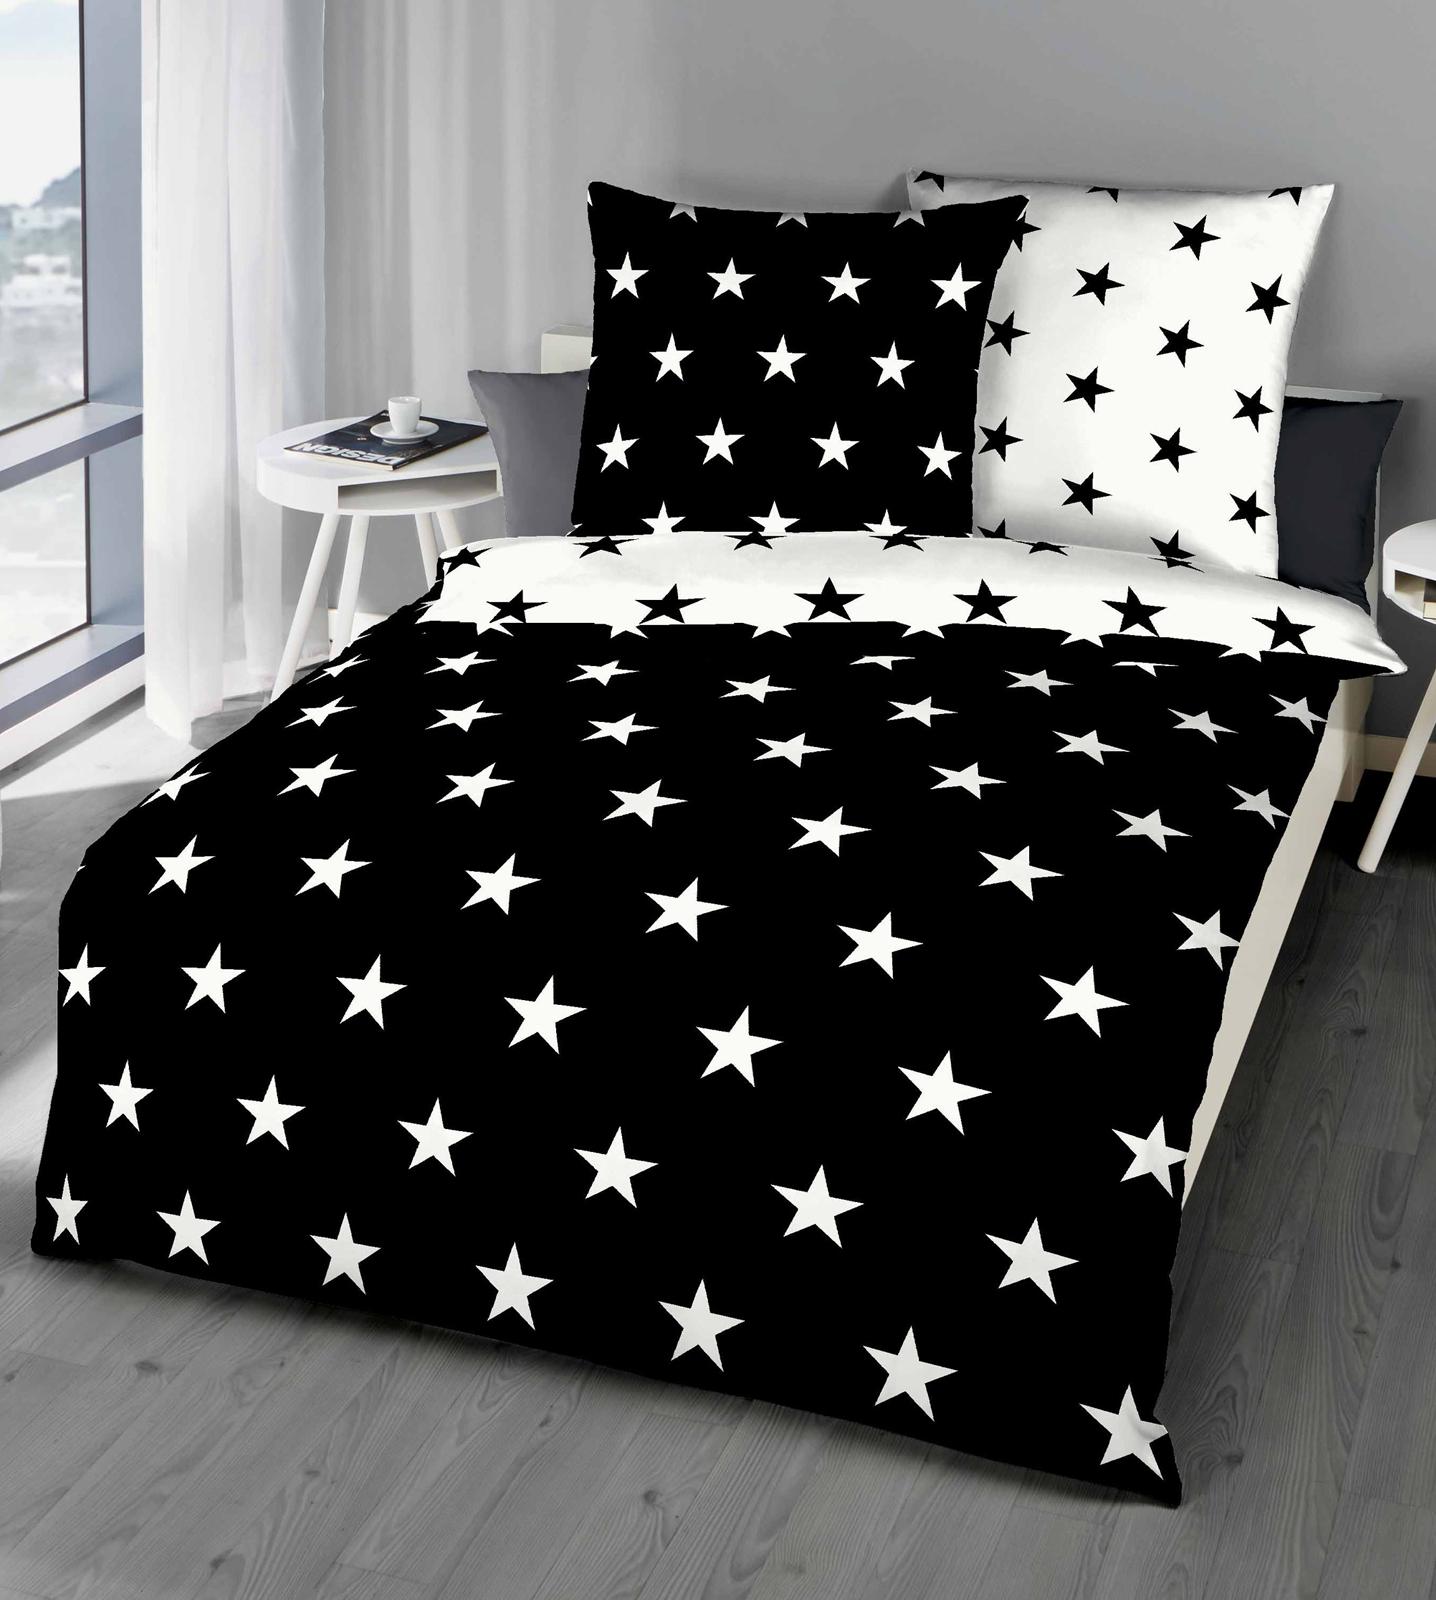 Bettwäsche - Kaeppel Mako Satin Bettwäsche Sterne 327 310 schwarz 155x220 80x80 Aufbewahrungsbeutel  - Onlineshop PremiumShop321